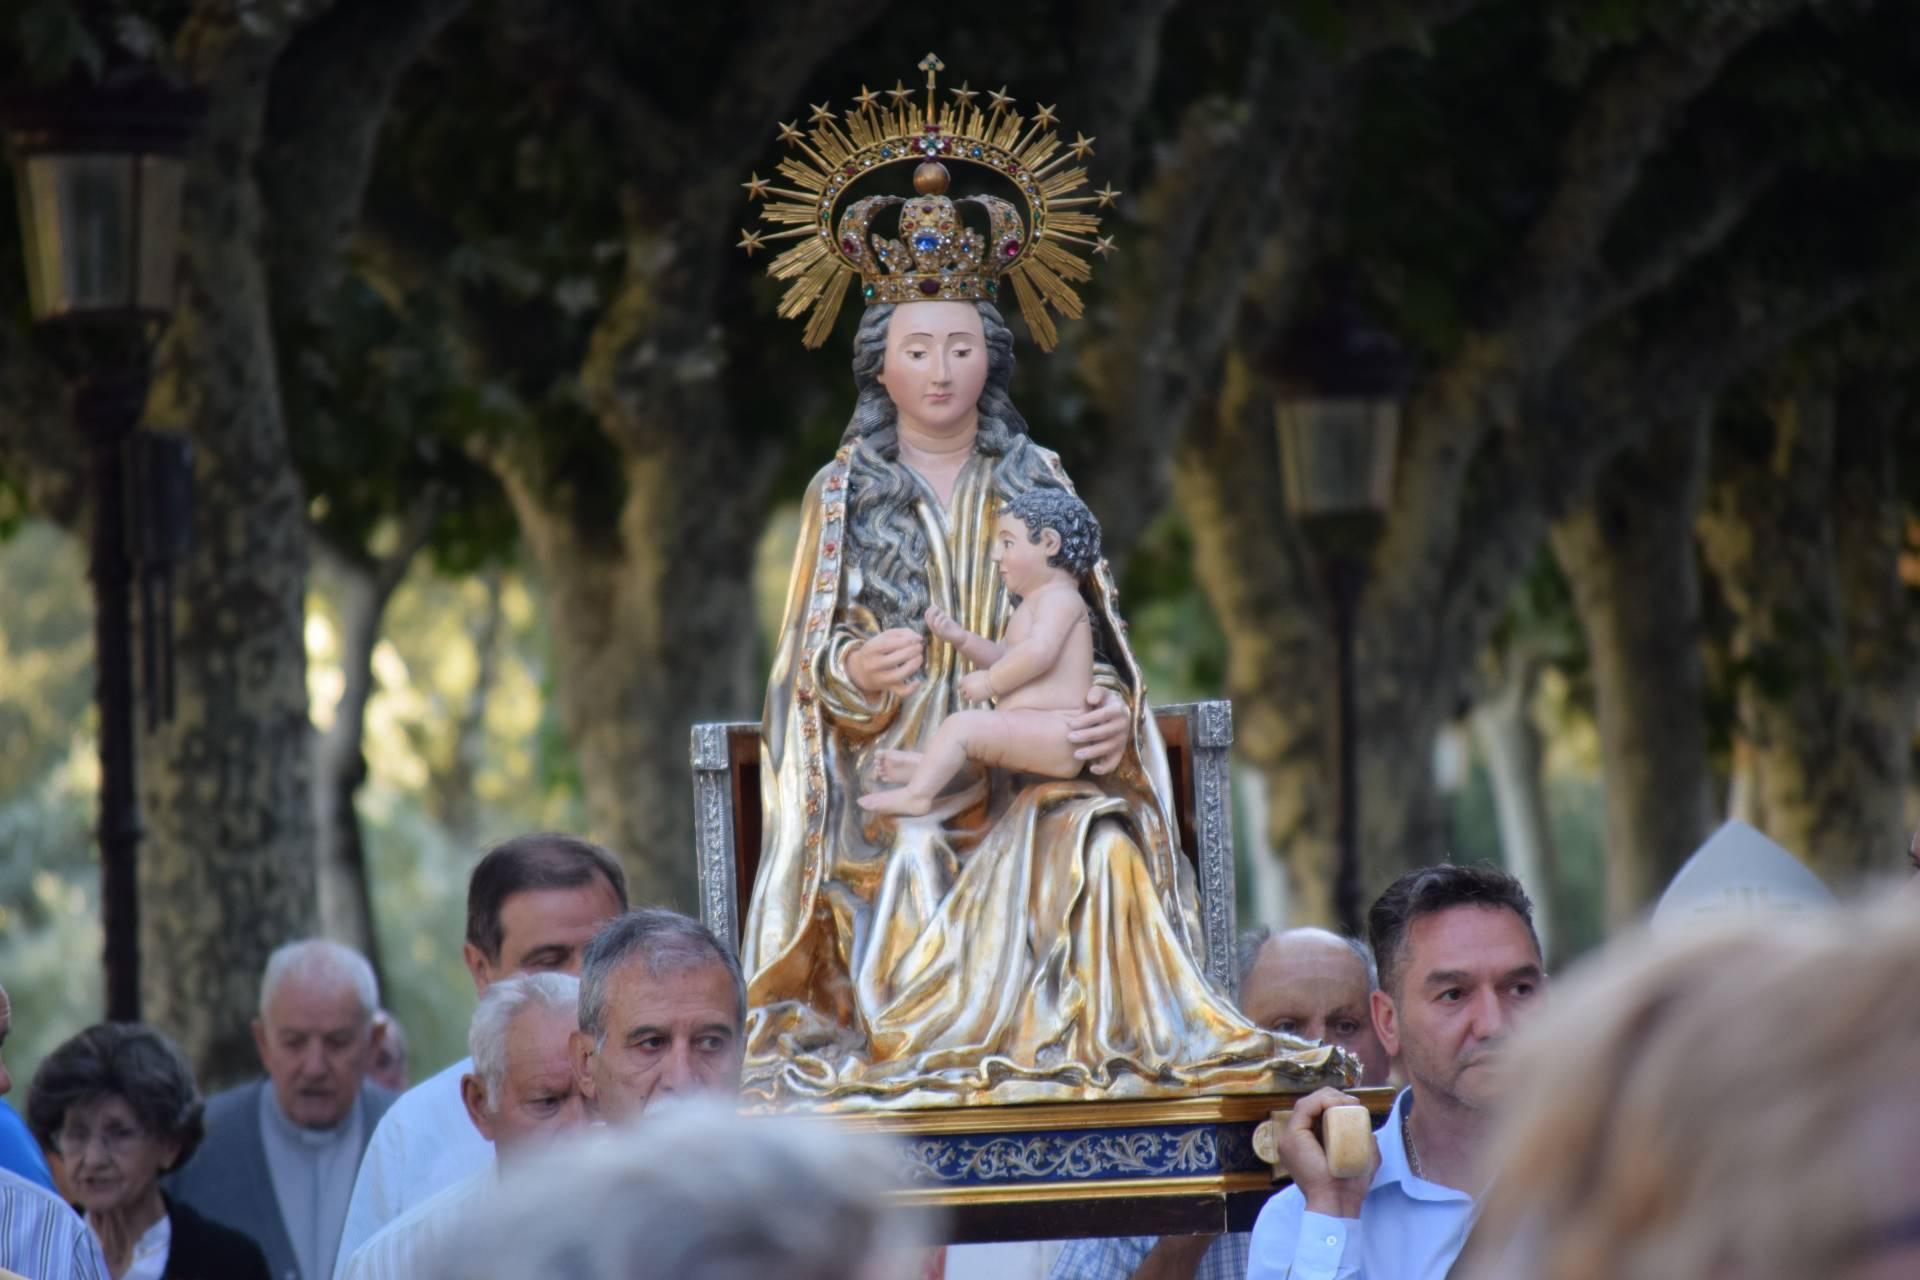 El día 14, la talla de la Virgen recorrerá las calles del casco histórico.